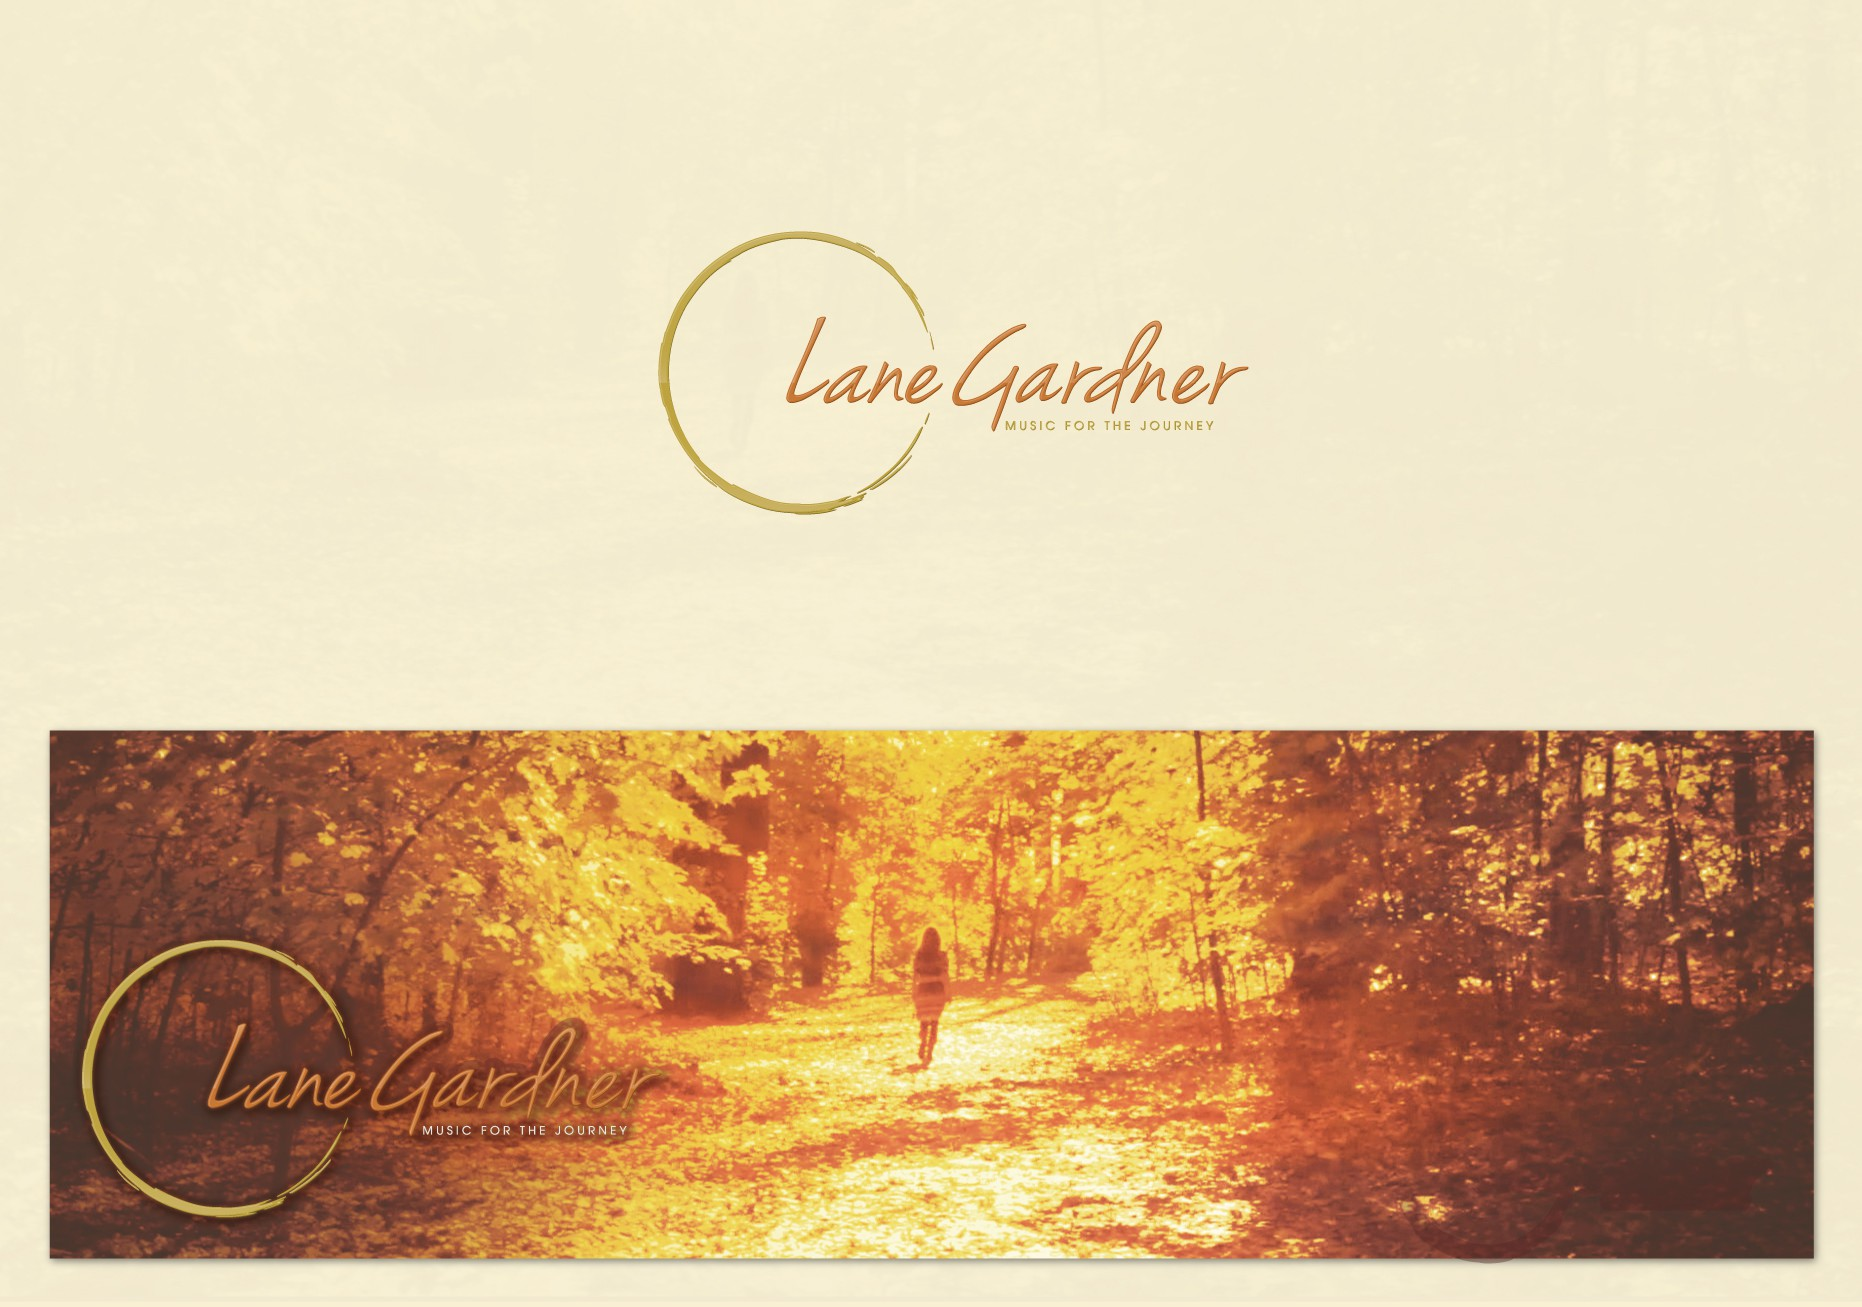 Create a logo and website for Singer/Songwriter Lane Gardner's upcoming debut album, Fertile Ground